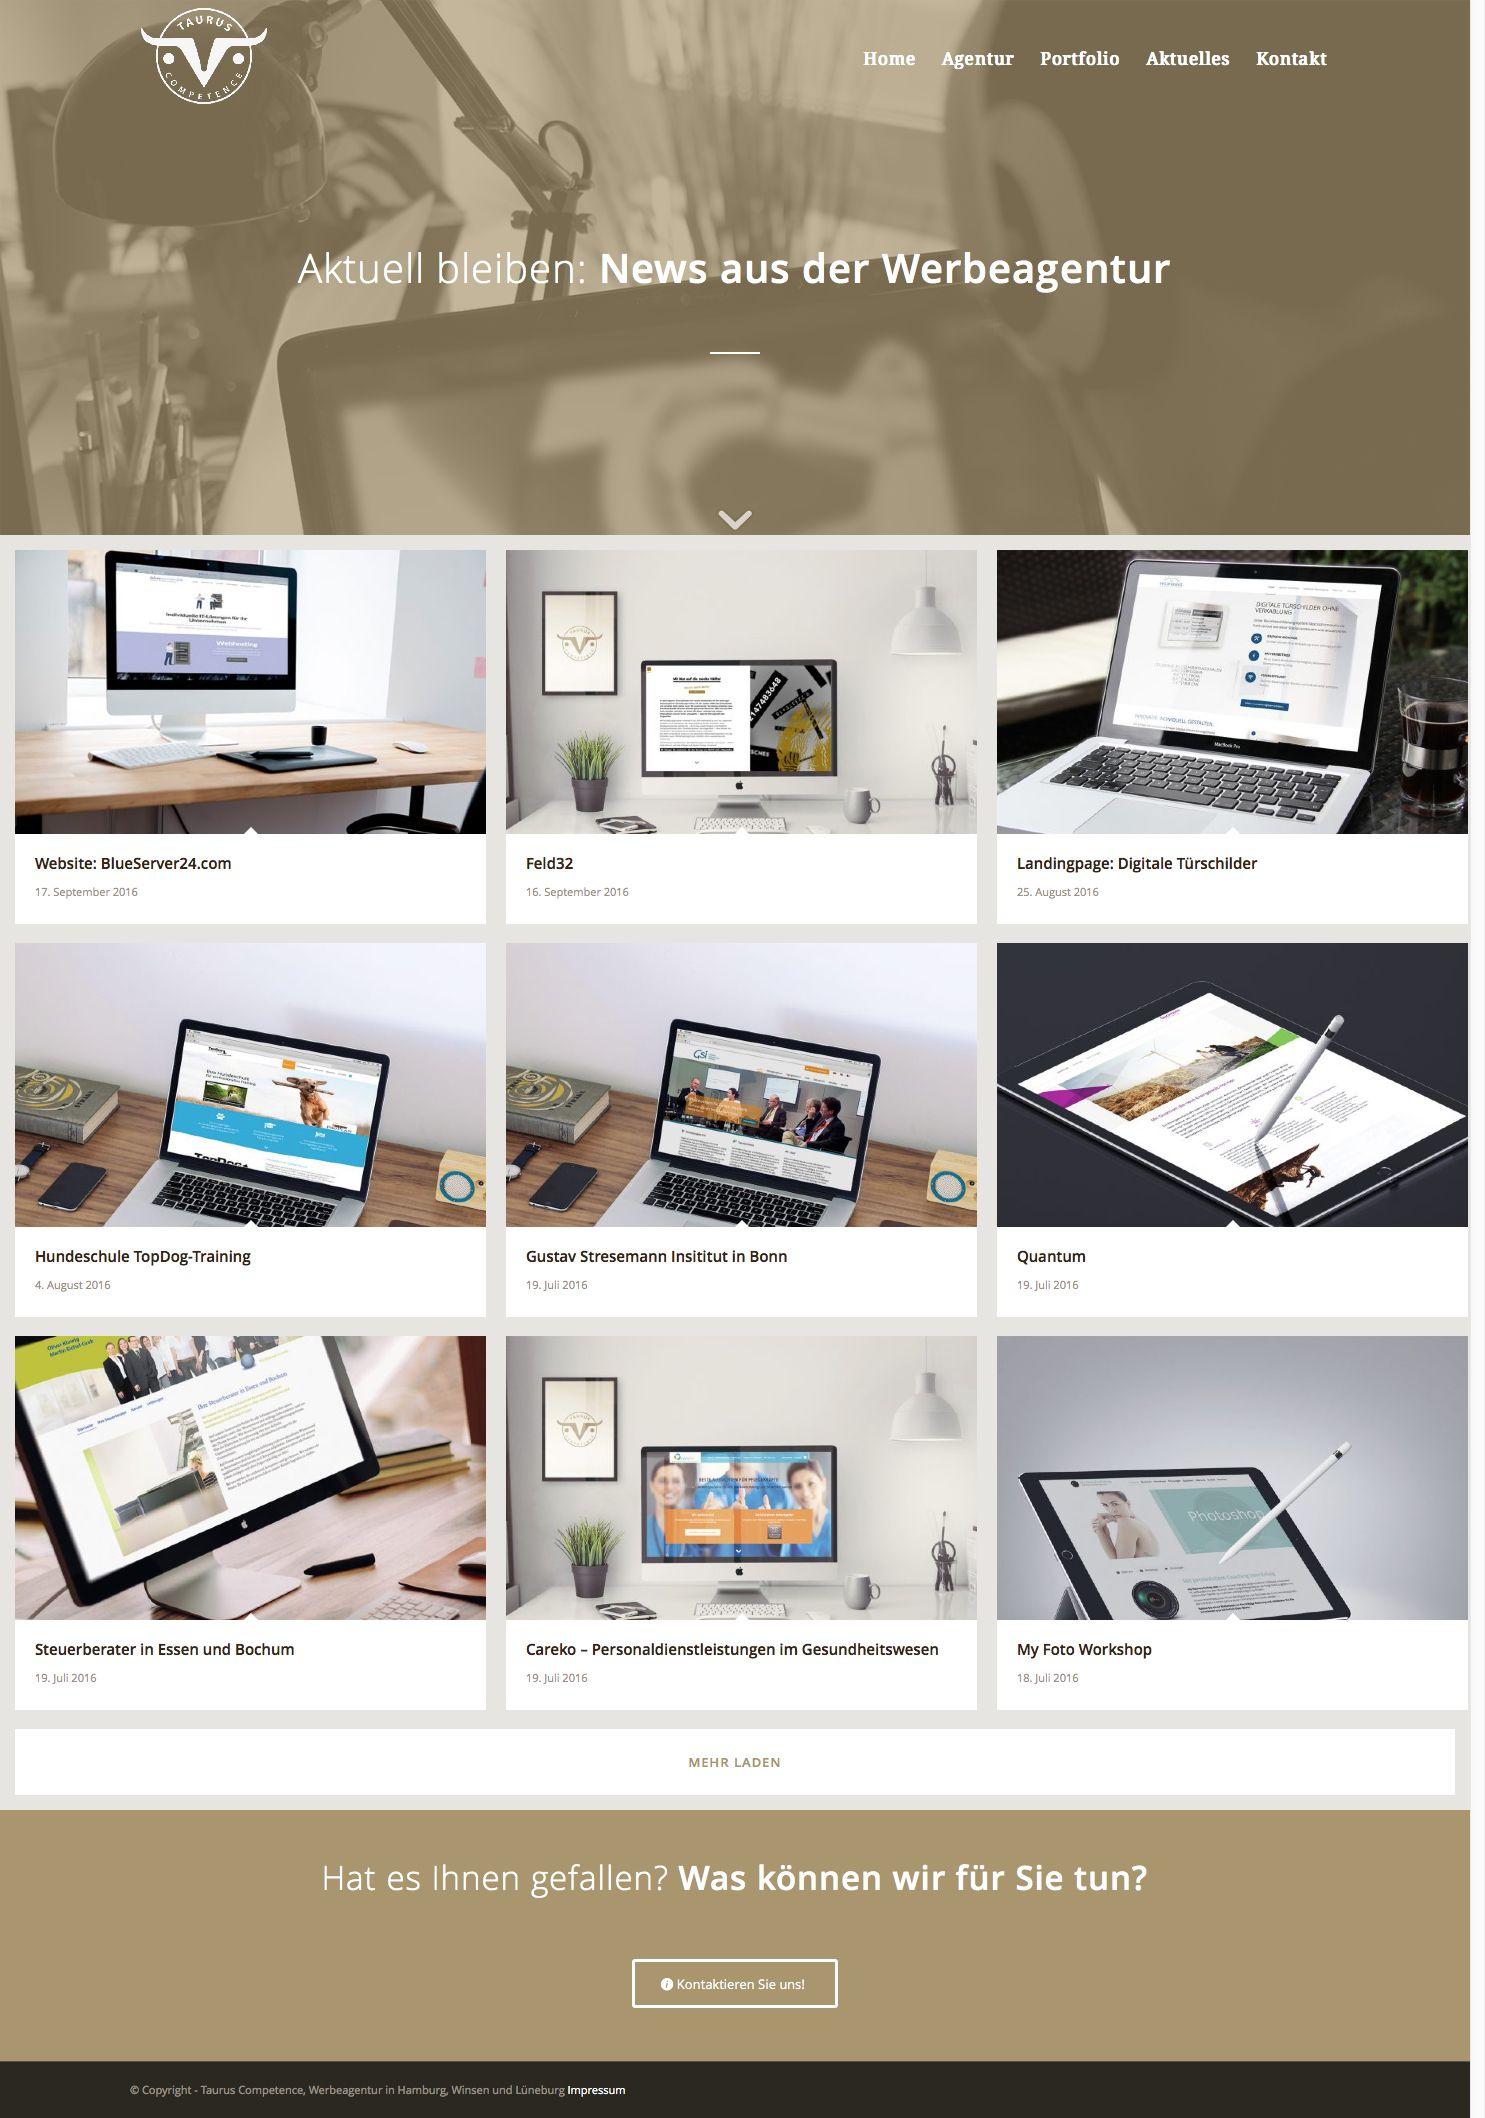 Aktuelles und Referenzen Werbeagentur